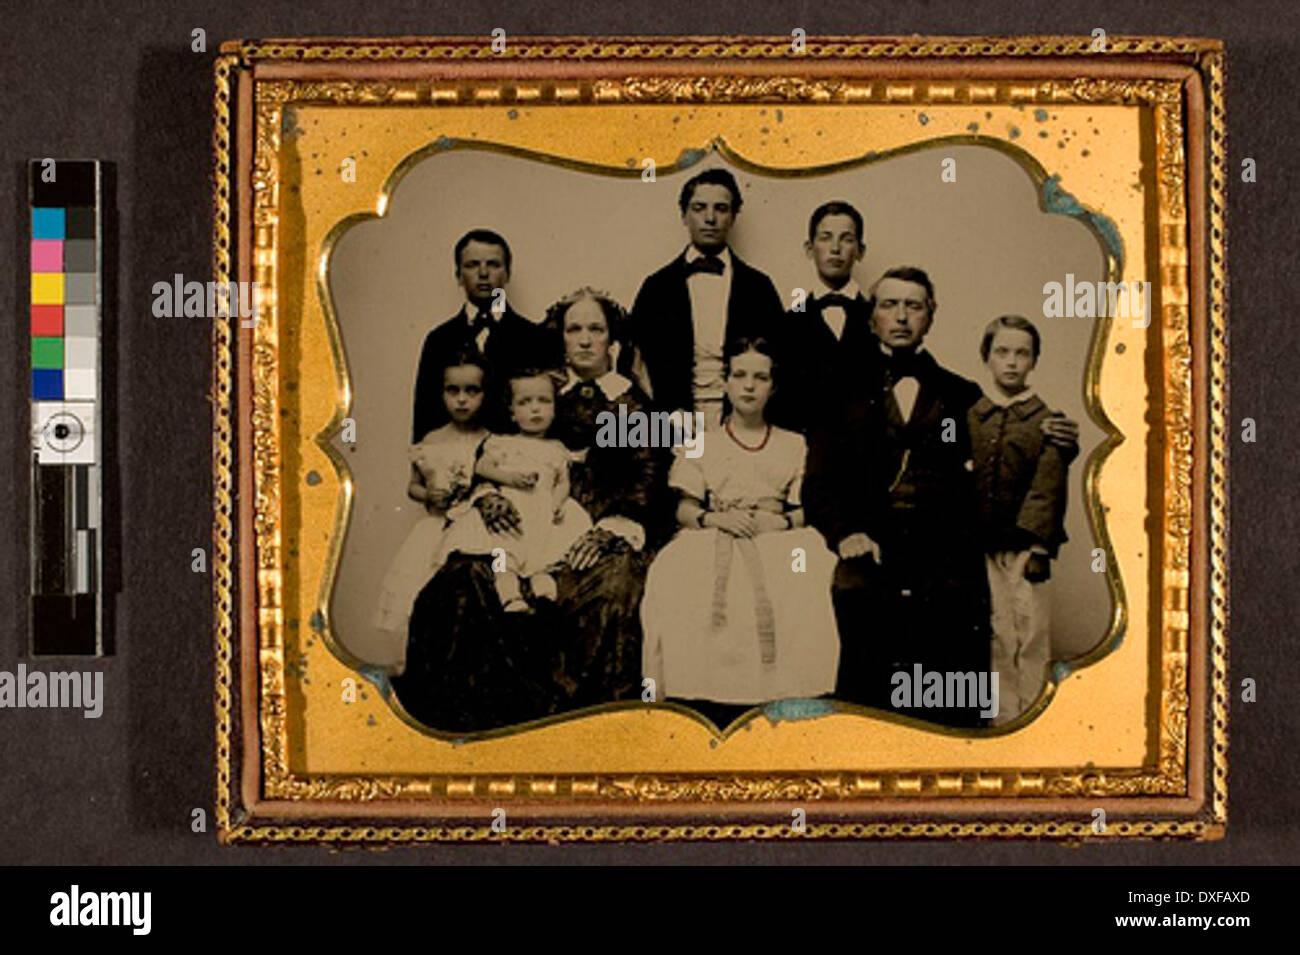 Uomo e donna con sette bambini uomo e donna con sette bambini Immagini Stock